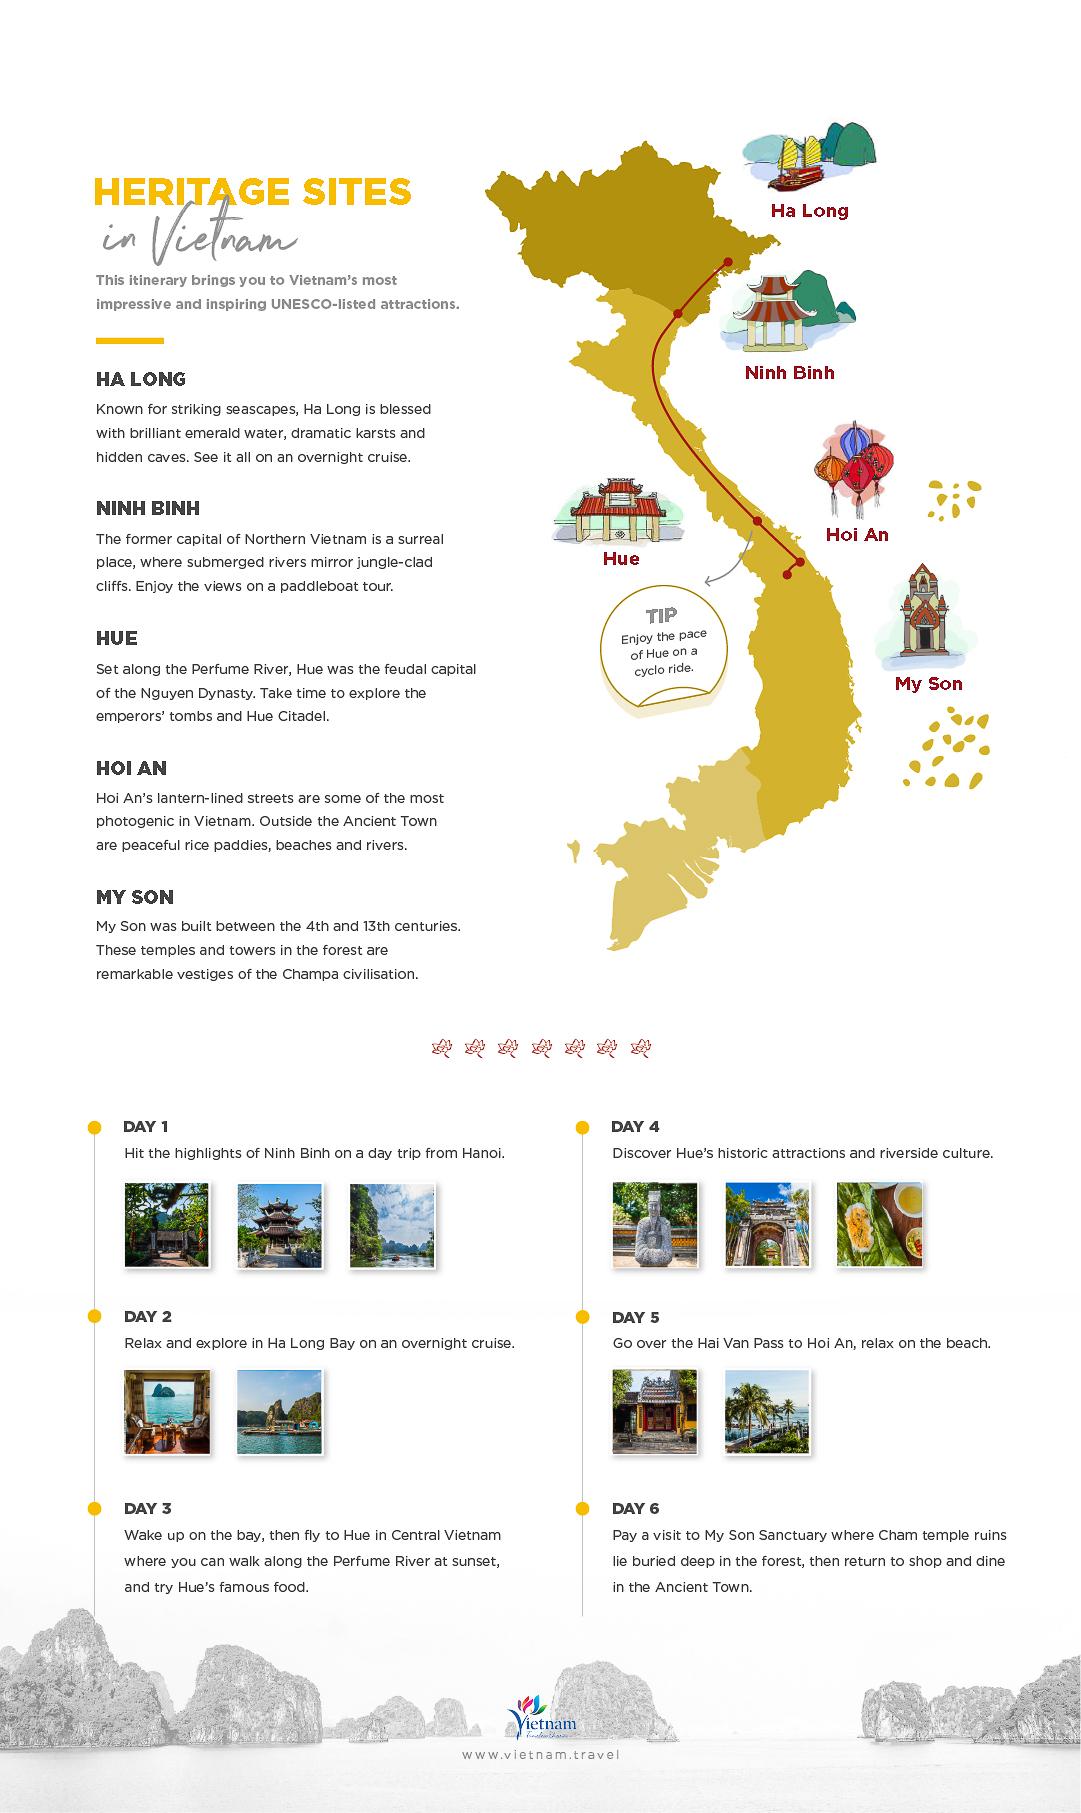 best heritage sites of vietnam